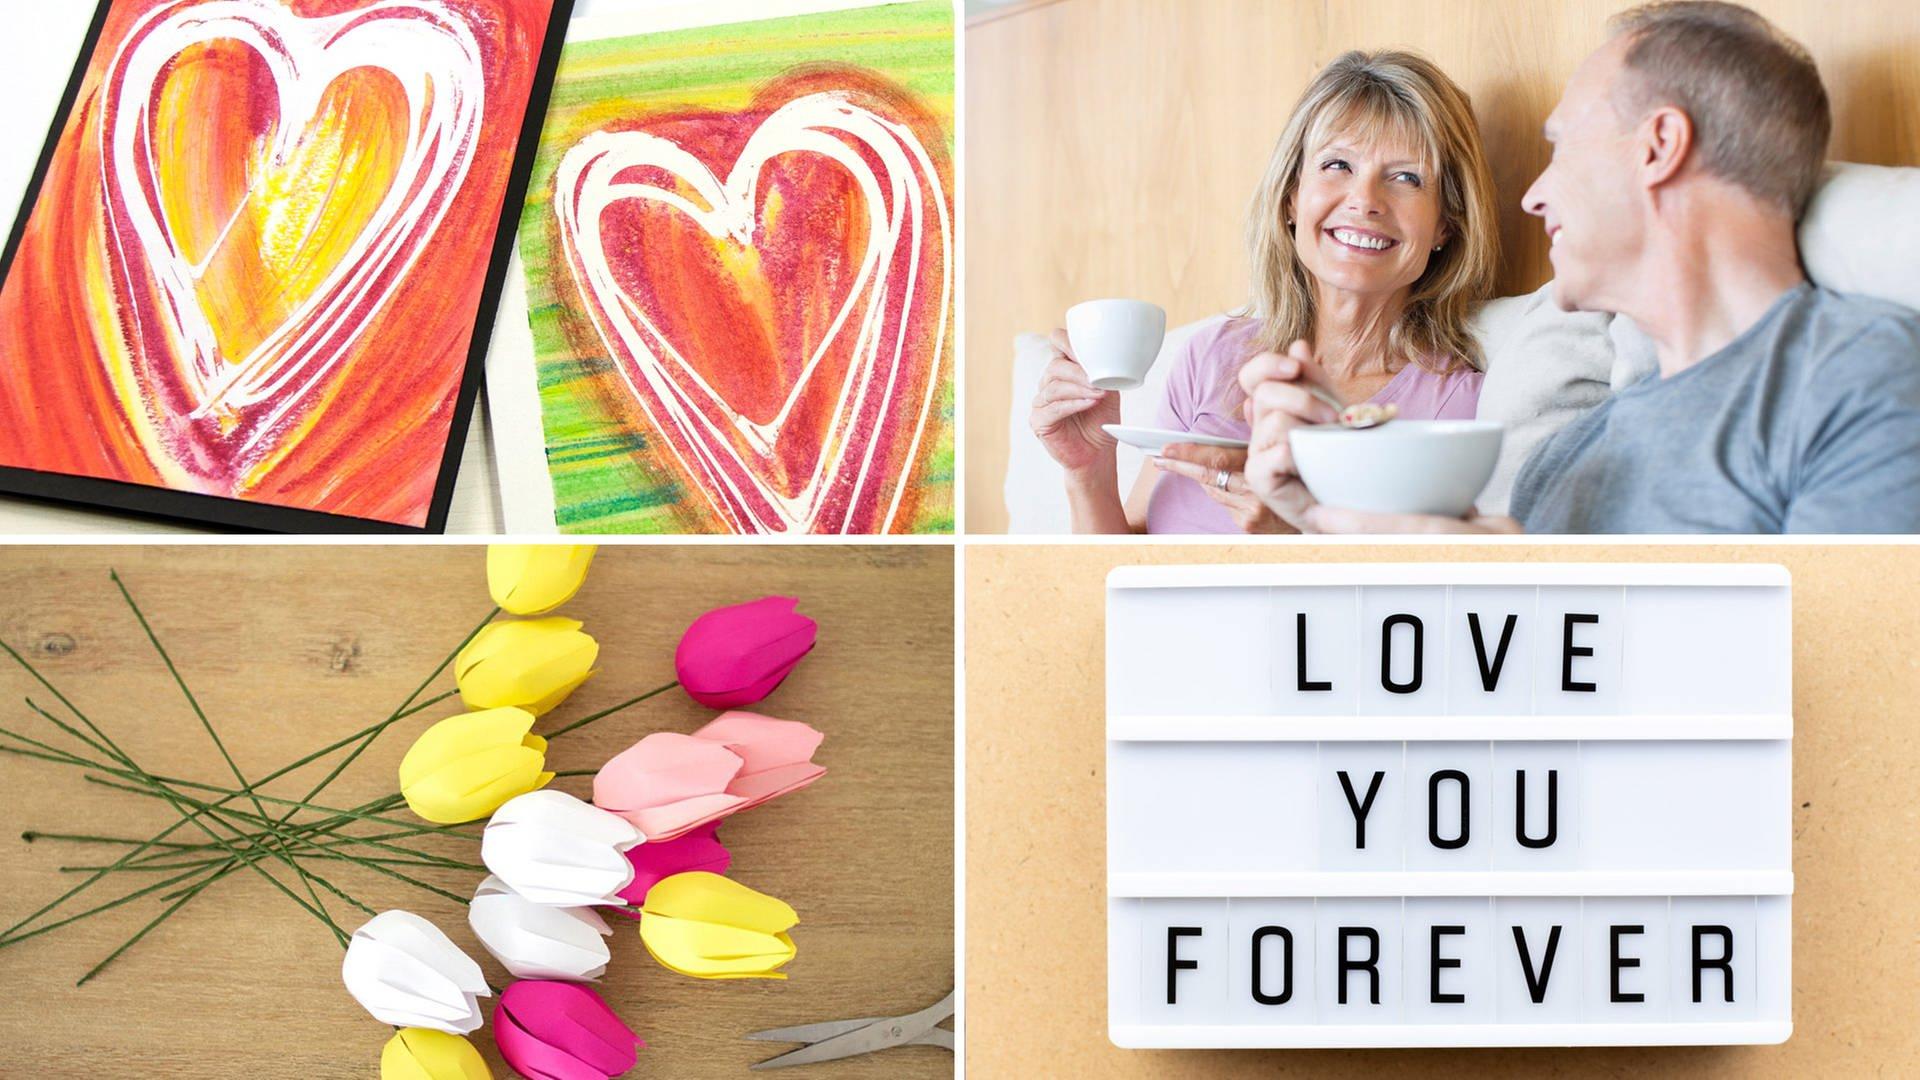 Ausgefallene Geschenke Zum Valentinstag: So Überraschen Sie bei Originelle Geschenke Zum Valentinstag